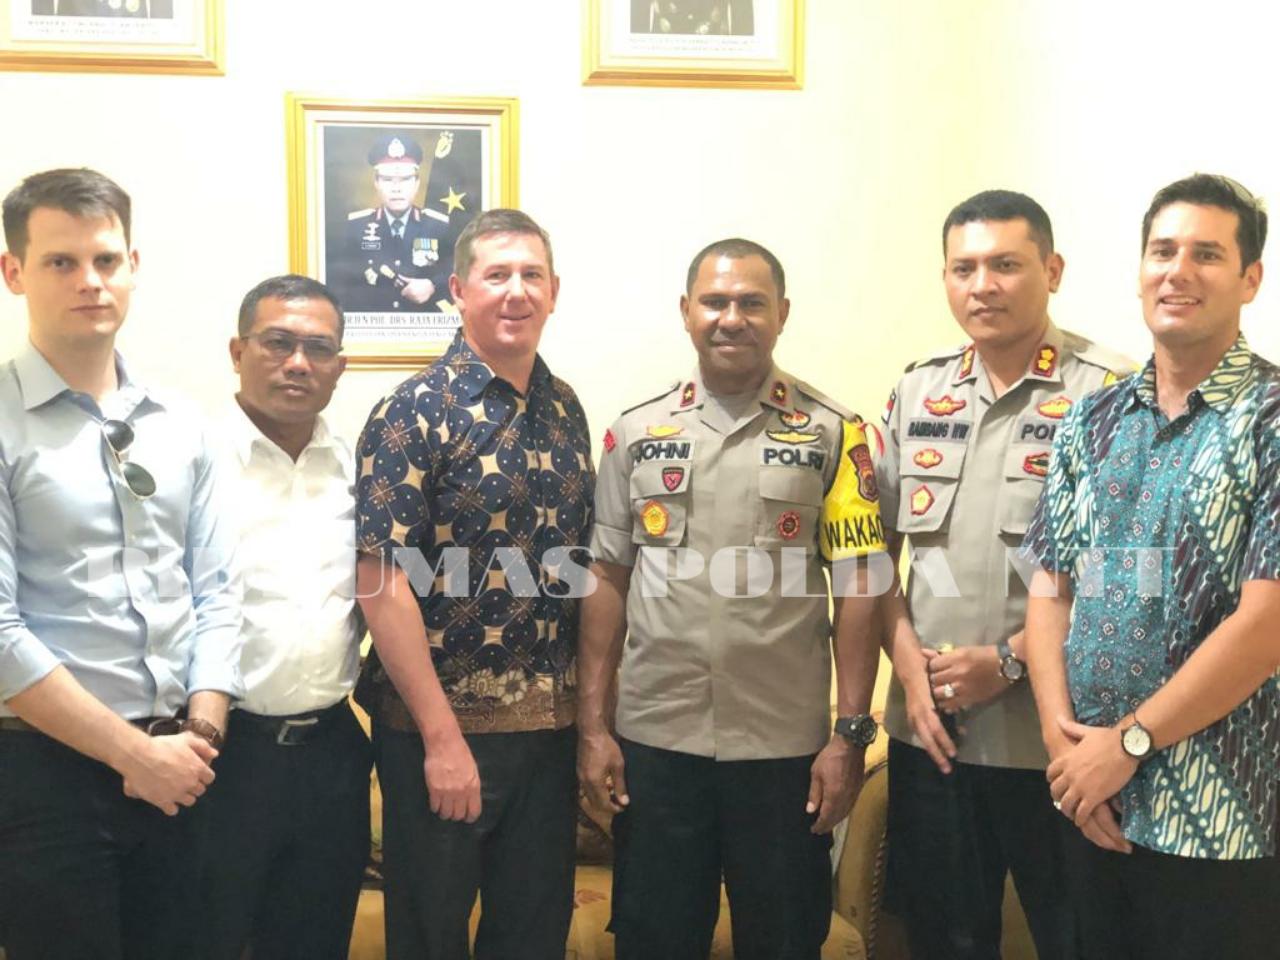 Polda NTT Menerima Kunjungan dari Delegasi Australia Federal Police